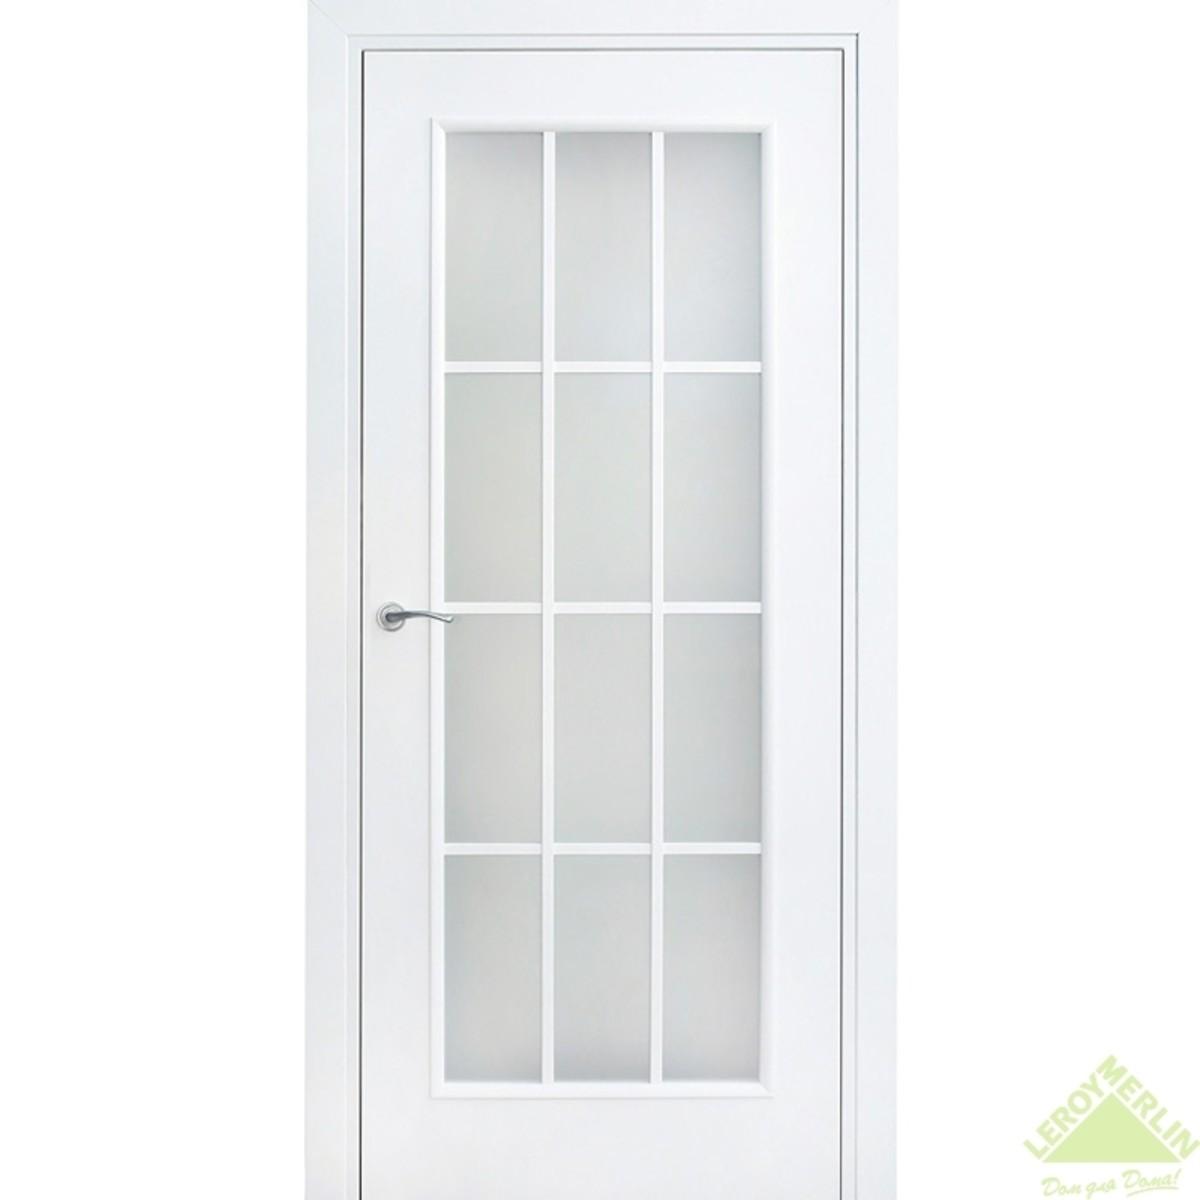 Дверь Межкомнатная Остеклённая Фортунато 8012 600x2000 Белый